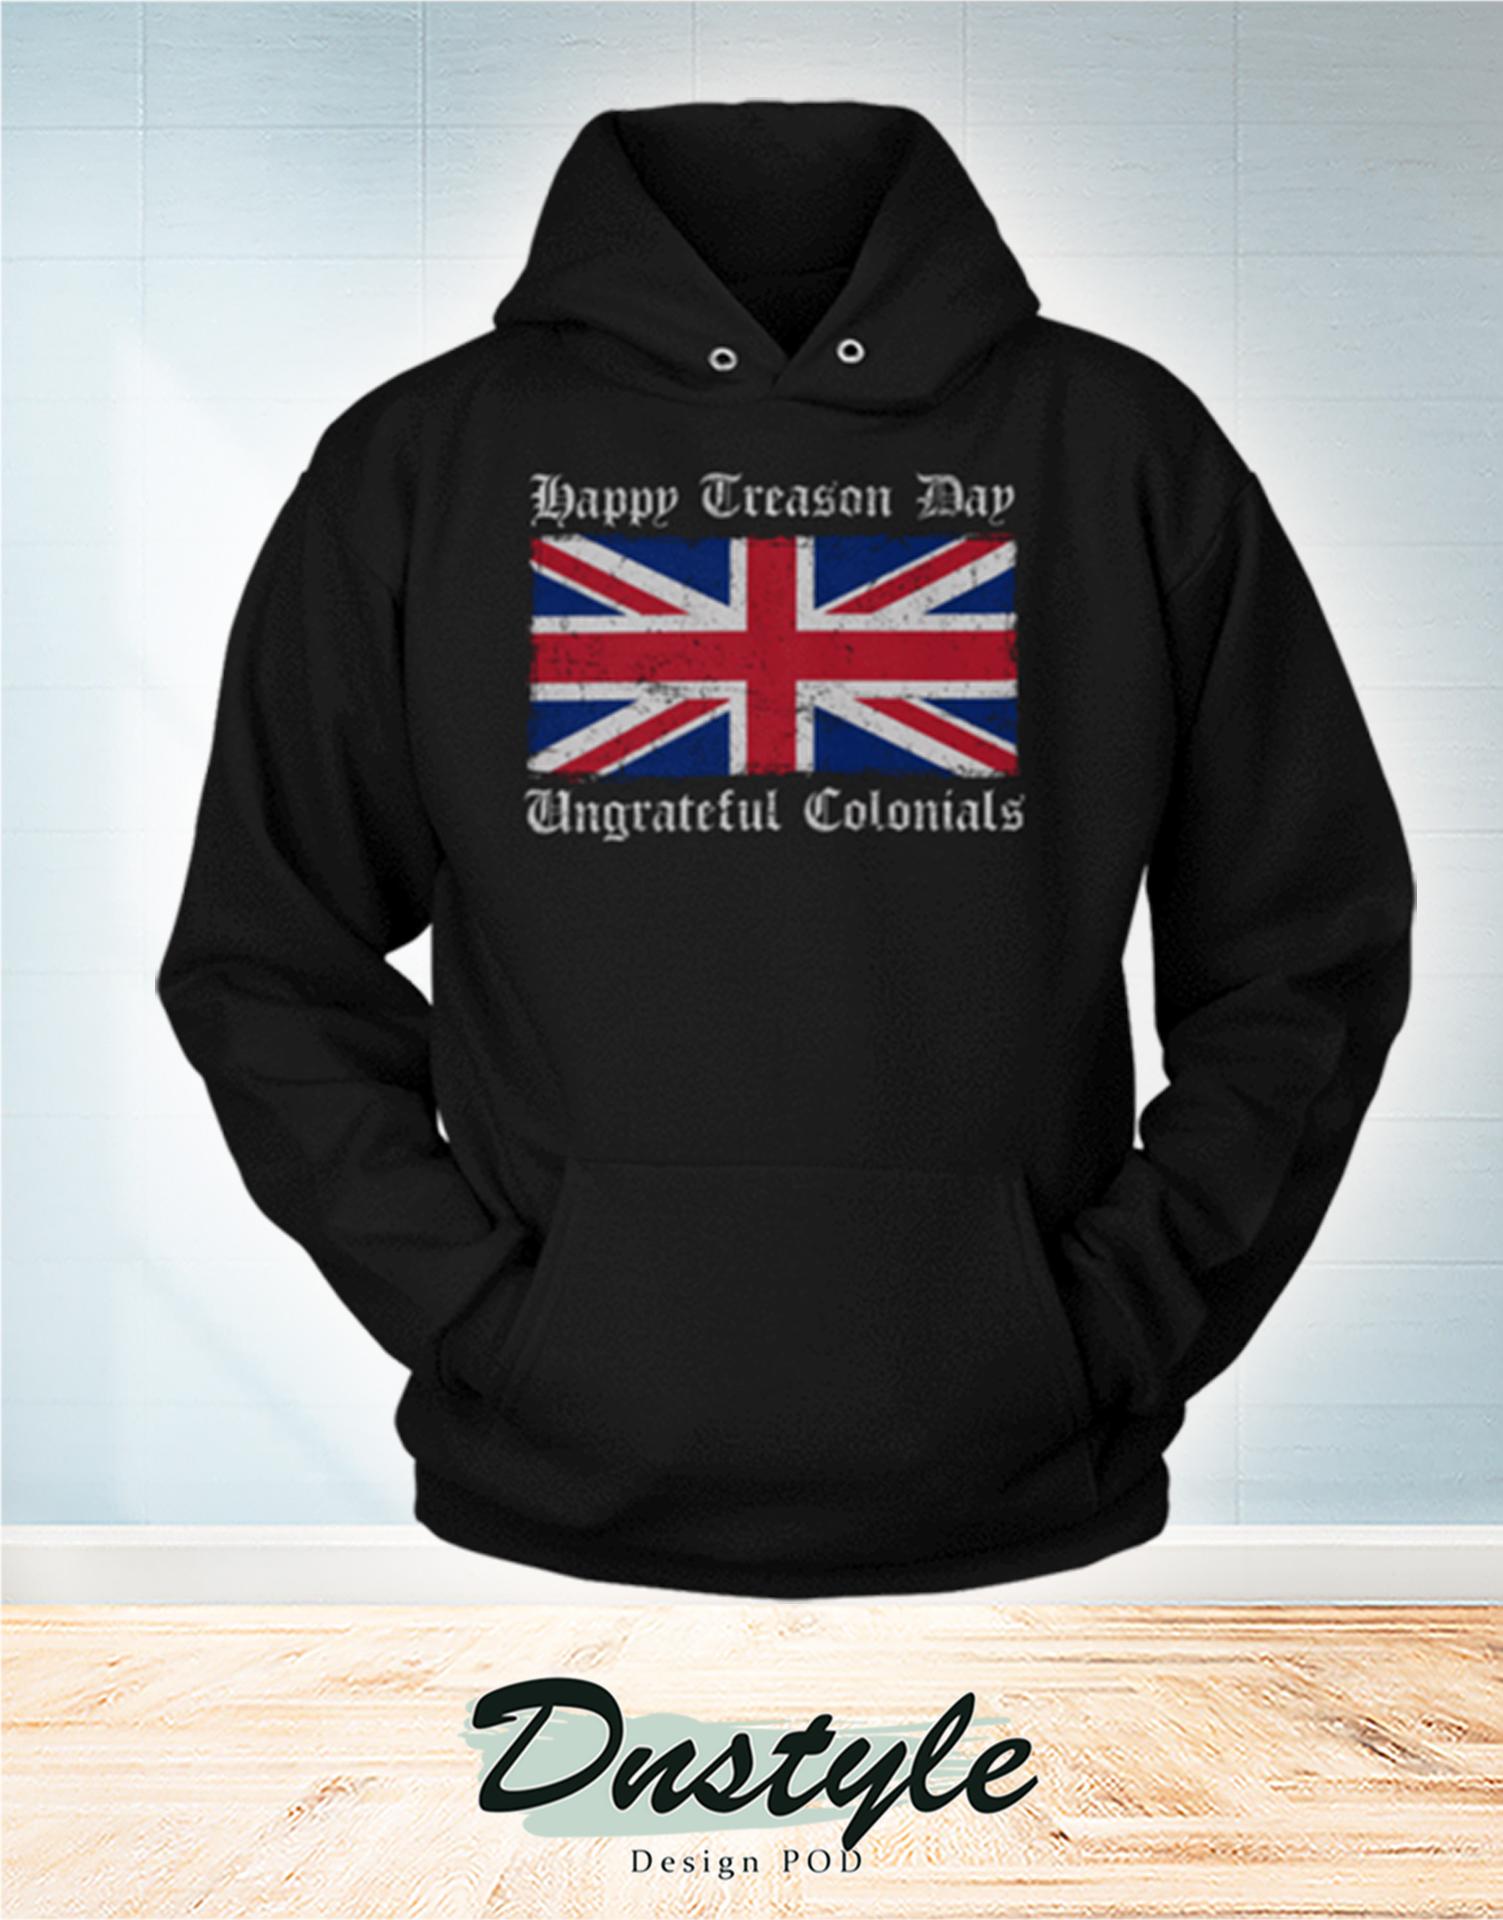 Happy treason day ungrateful colonials hoodie